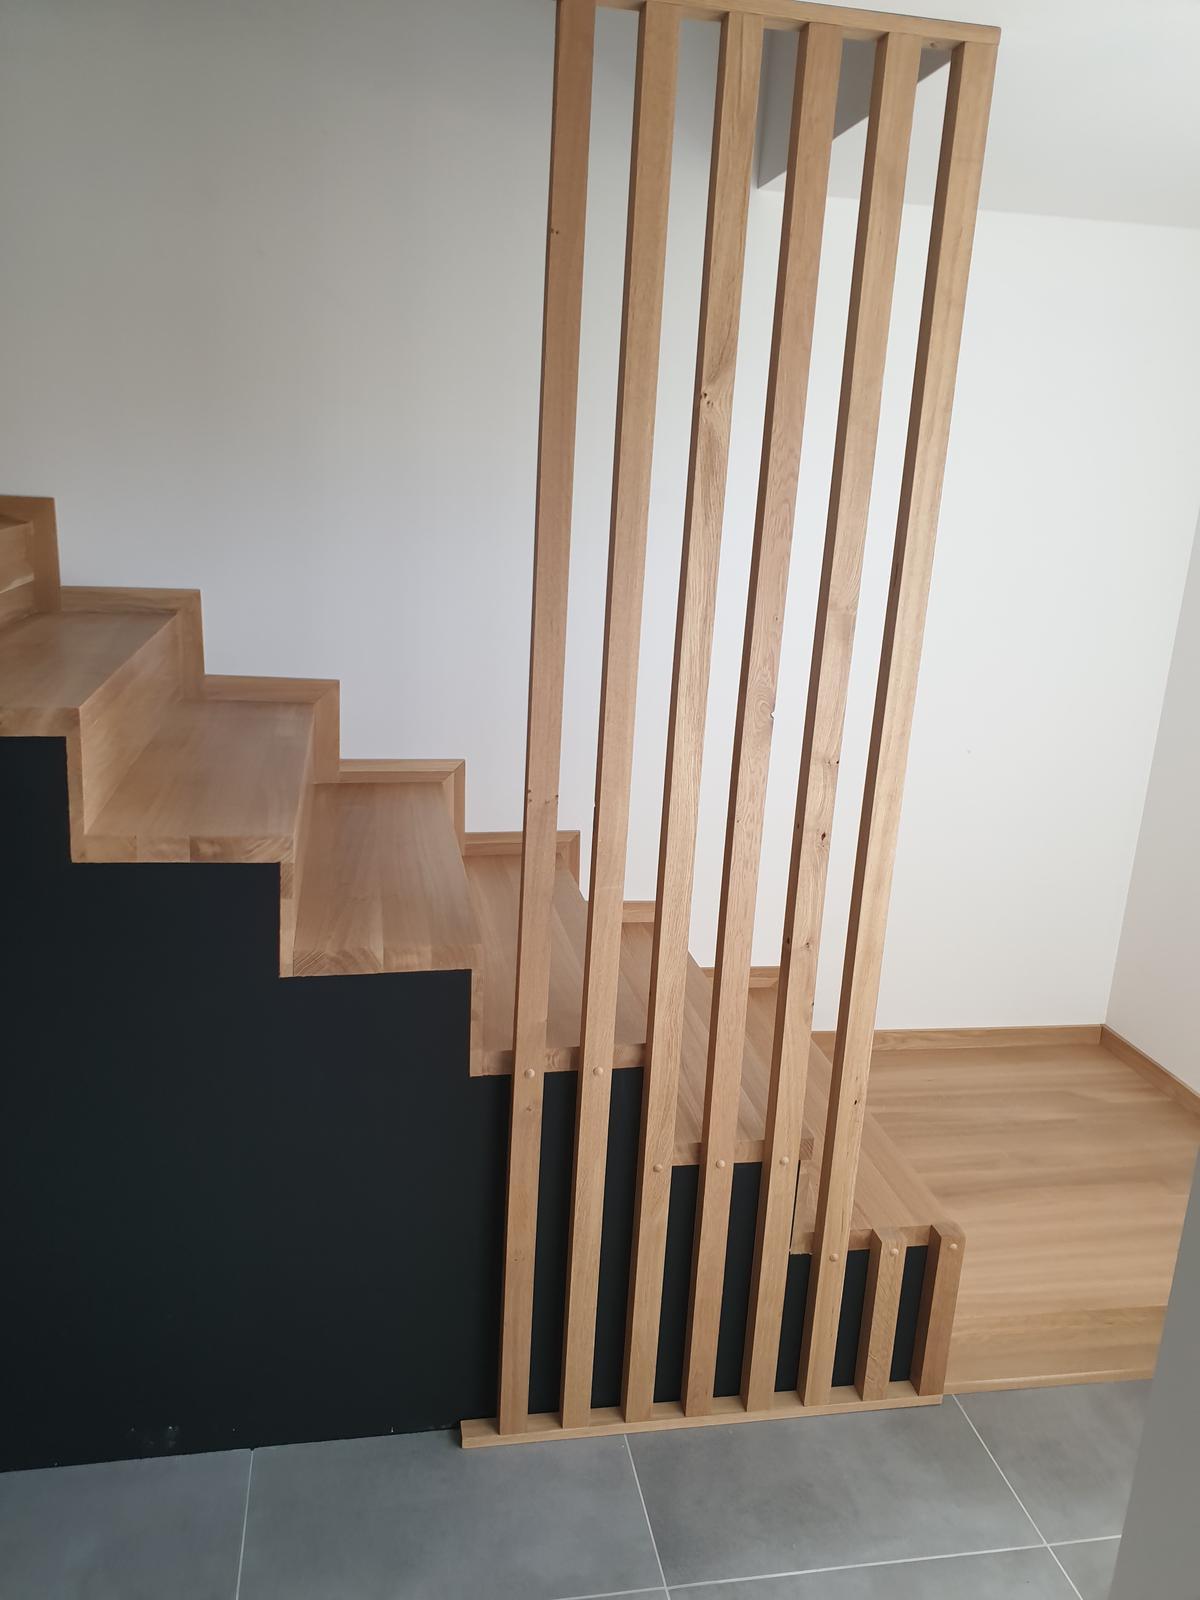 Drevené schody, schodnice, dosky na schody - Obrázok č. 1